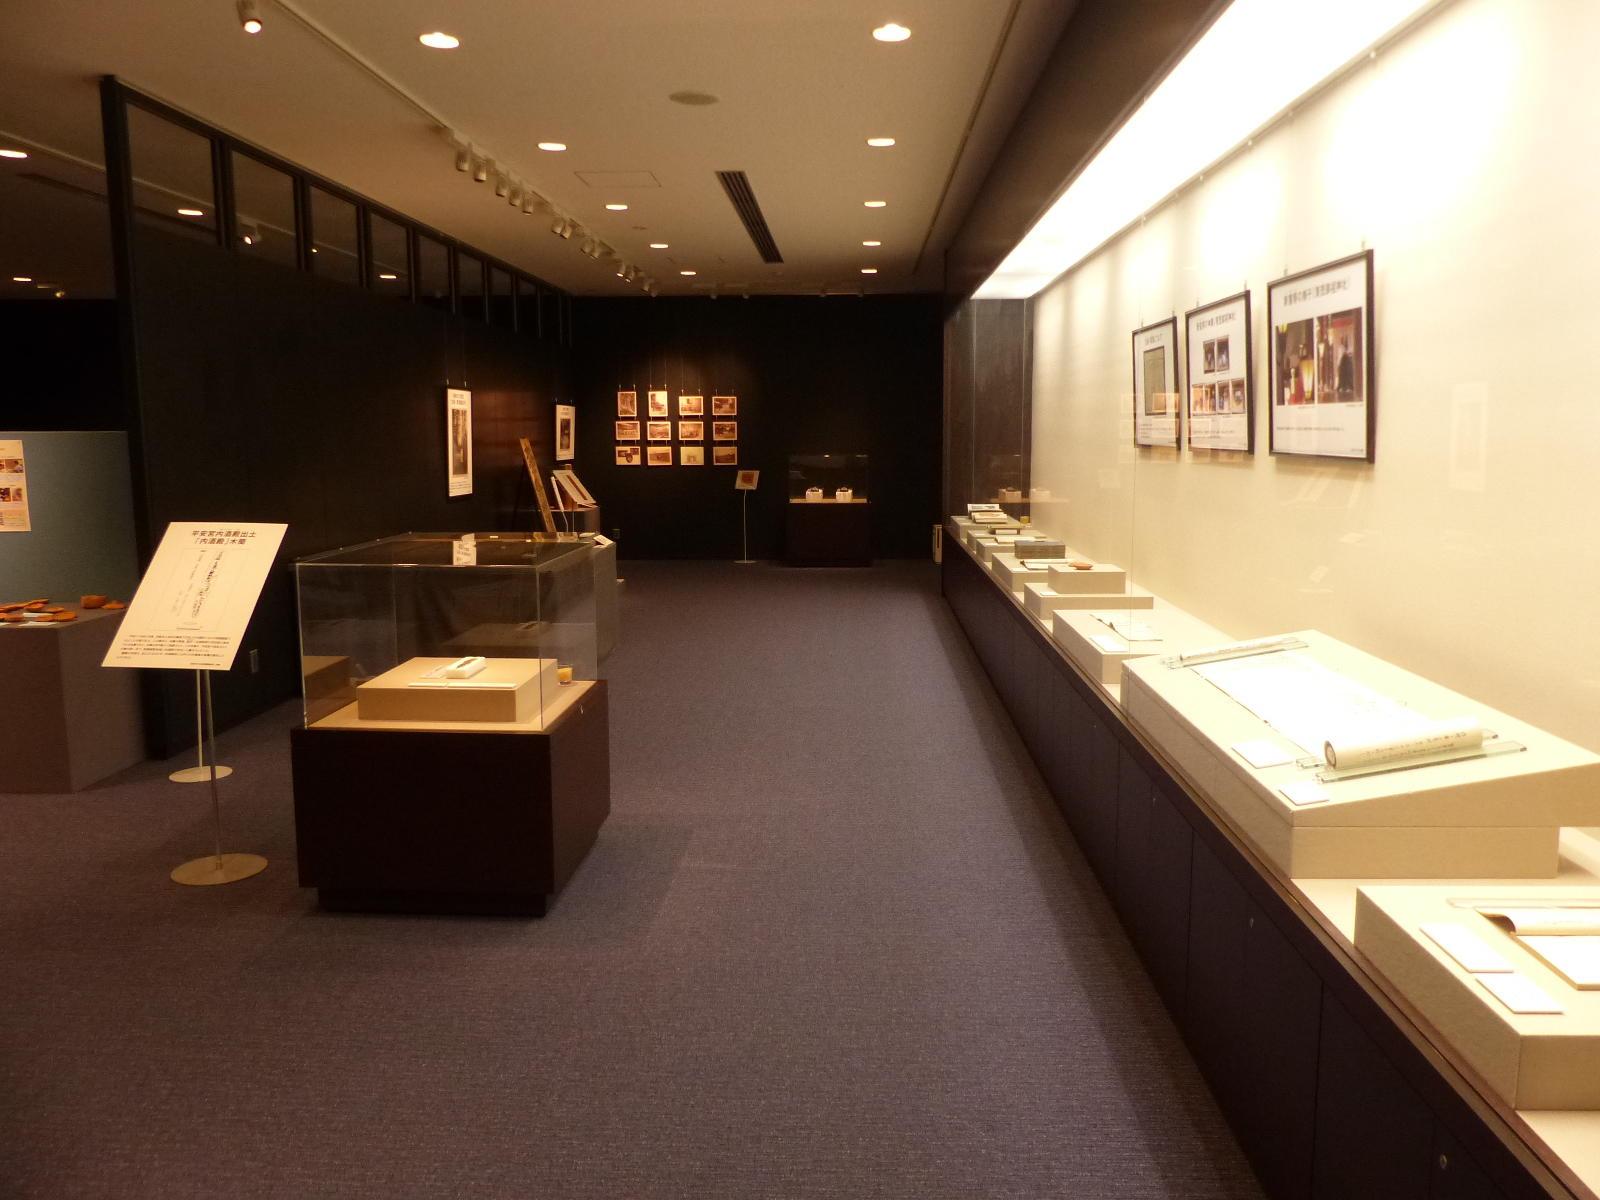 【京都産業大学】ギャラリー企画展「新嘗祭と歳旦祭 -- 酒と神事の関わりを読み解く -- 」開催